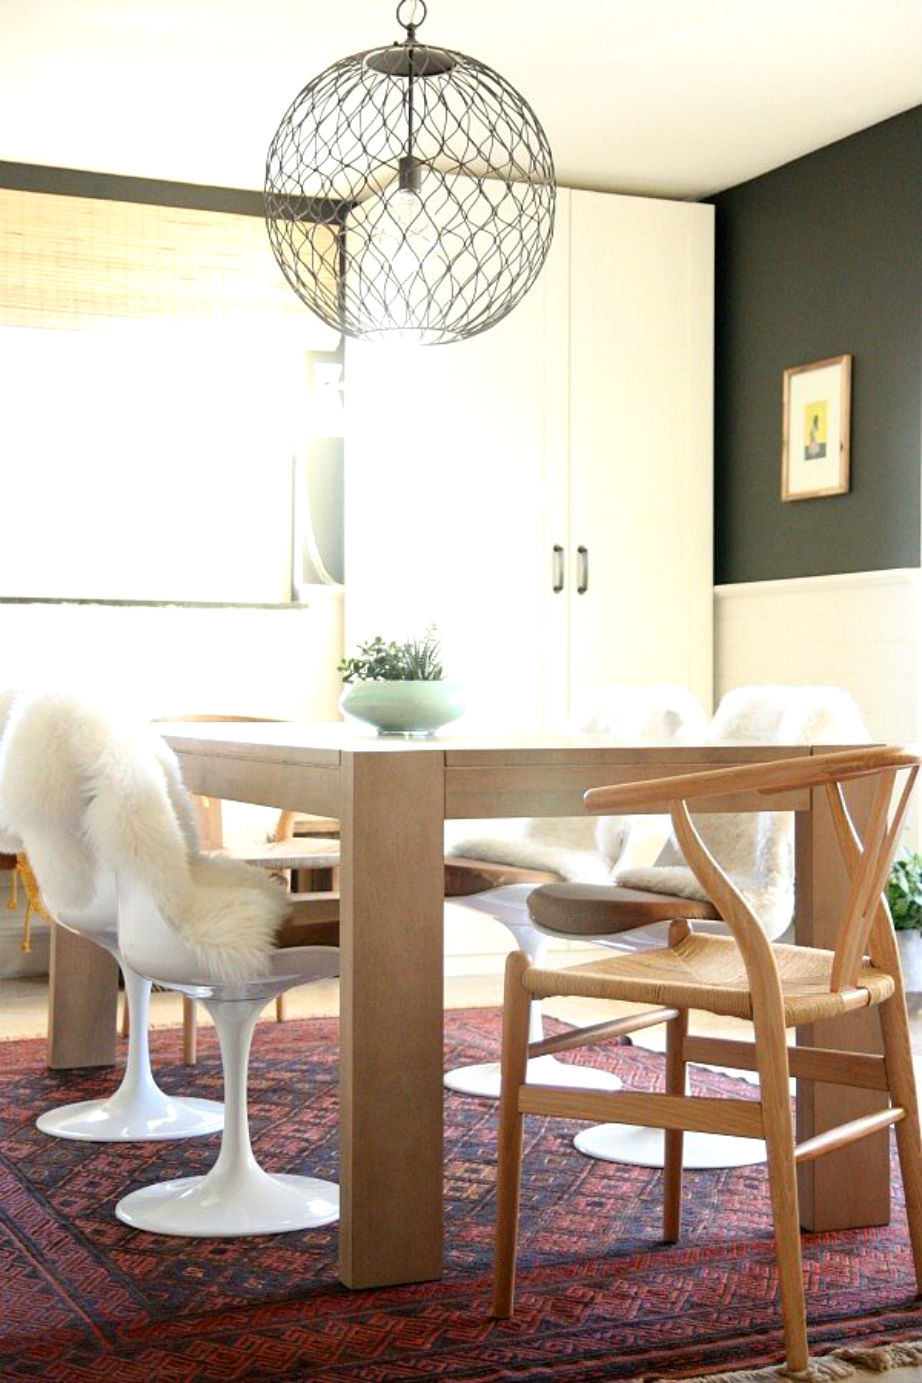 Διαφορετικές καρέκλες και...μόλις ανανεώσατε την τραπεζαρία σας!